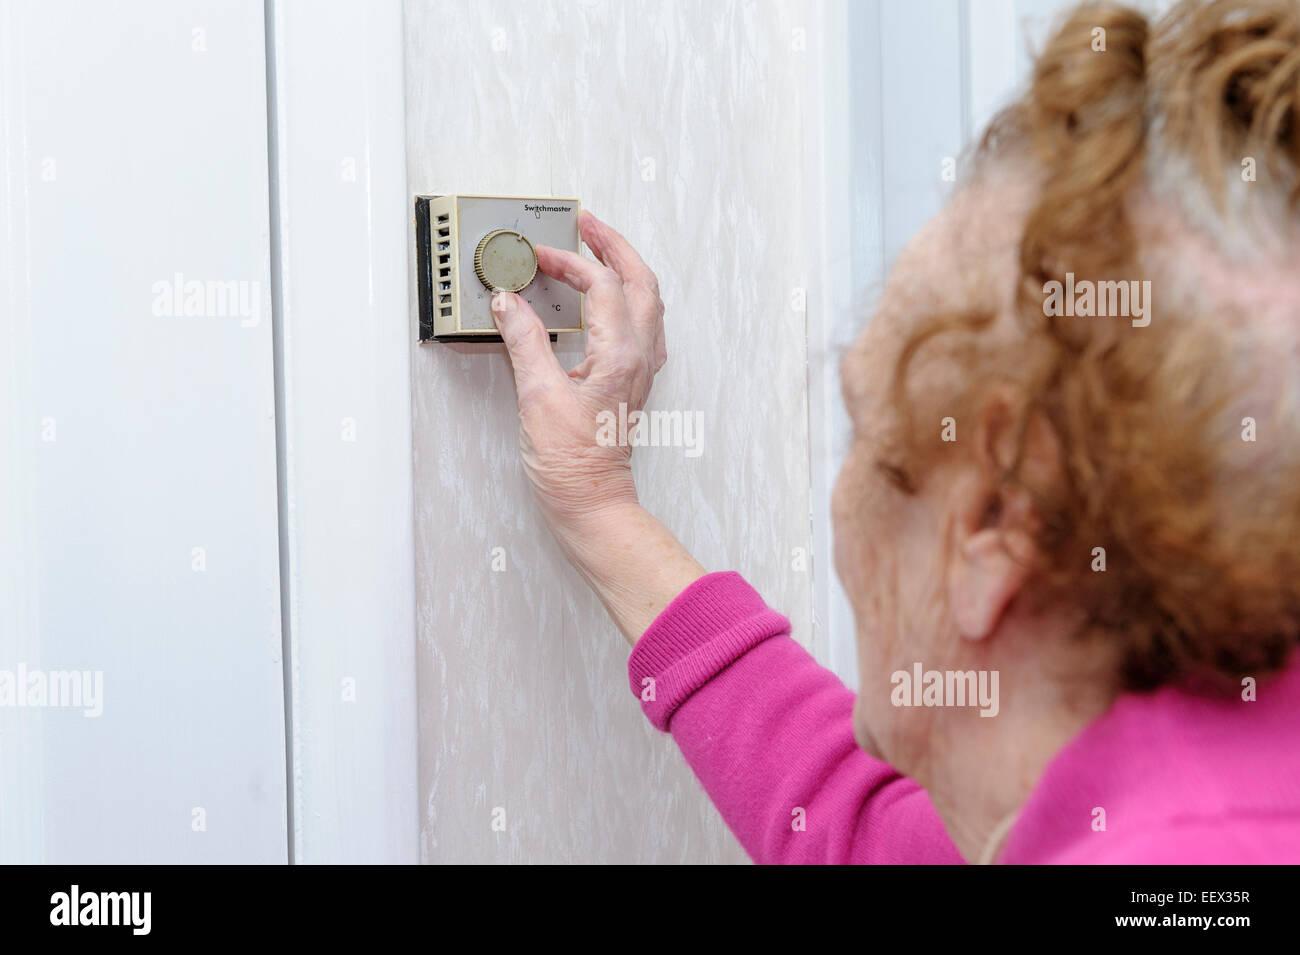 Ältere Frau in ihre neunziger Jahre einstellen, drehen Sie die Zentralheizung Thermostat in ihrem Haus, an Stockbild